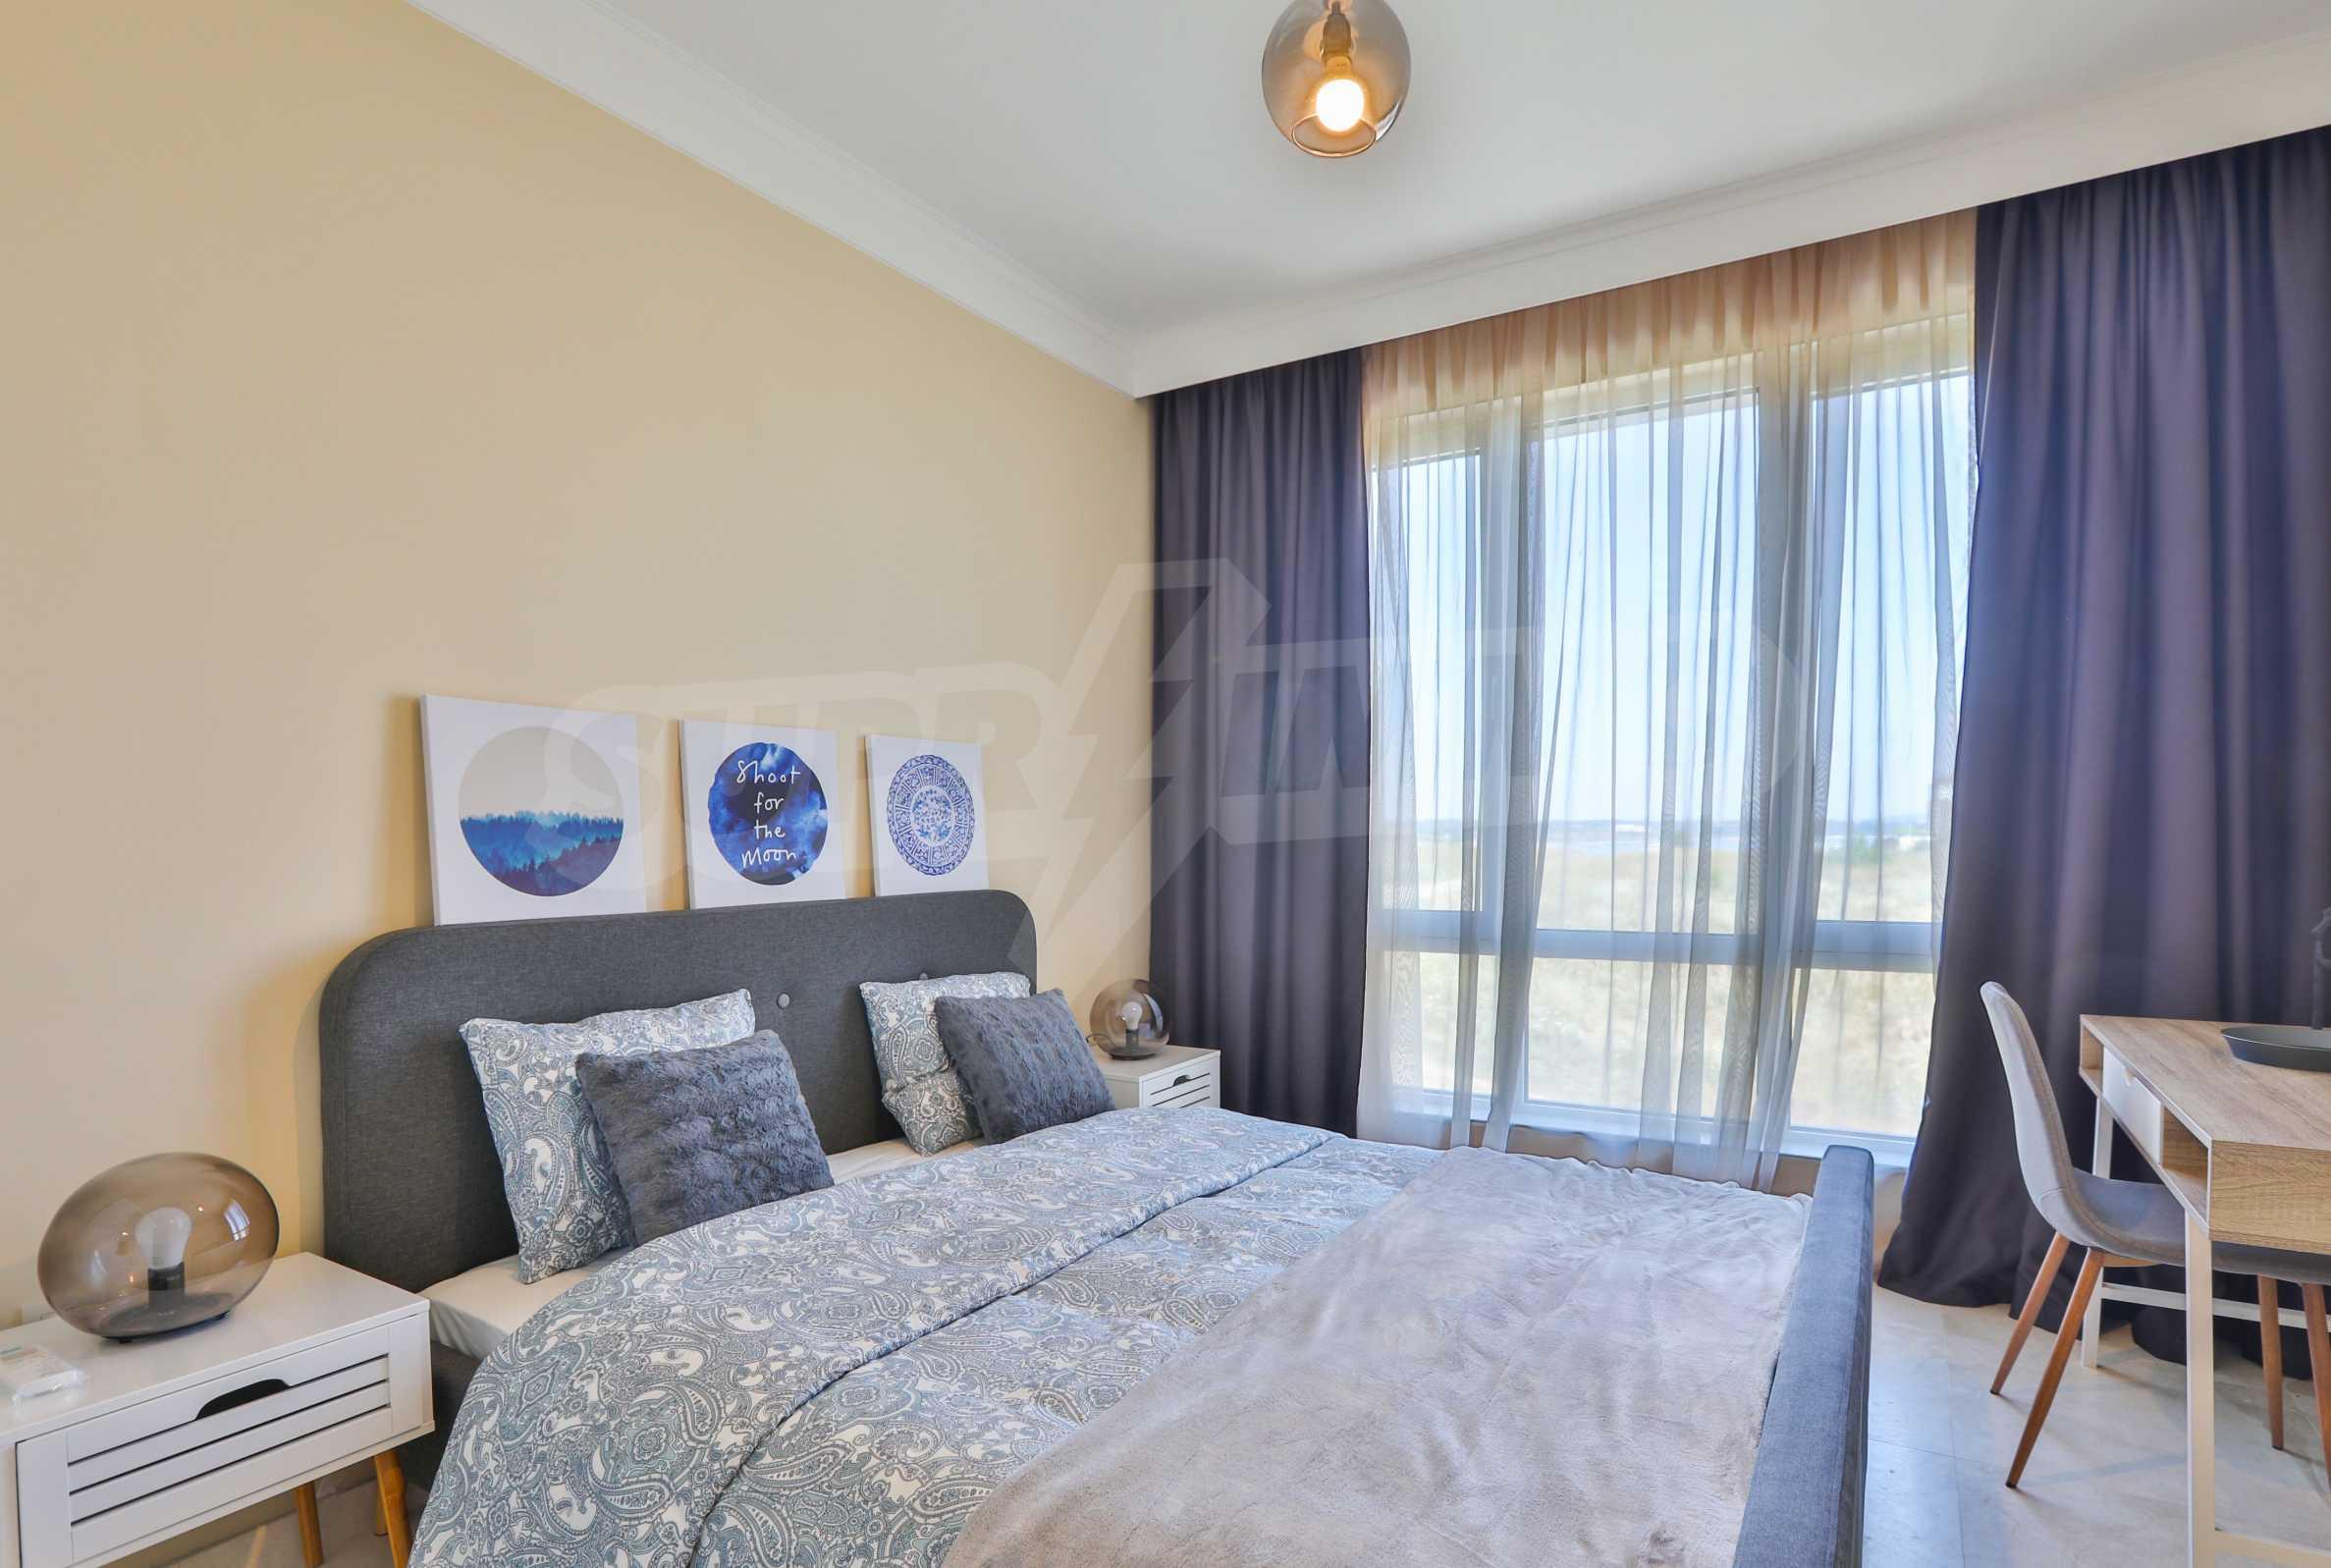 Двустаен апартамент в бутиковата резиденция до Централен плаж - Belle Époque (ап. №A 305) 6